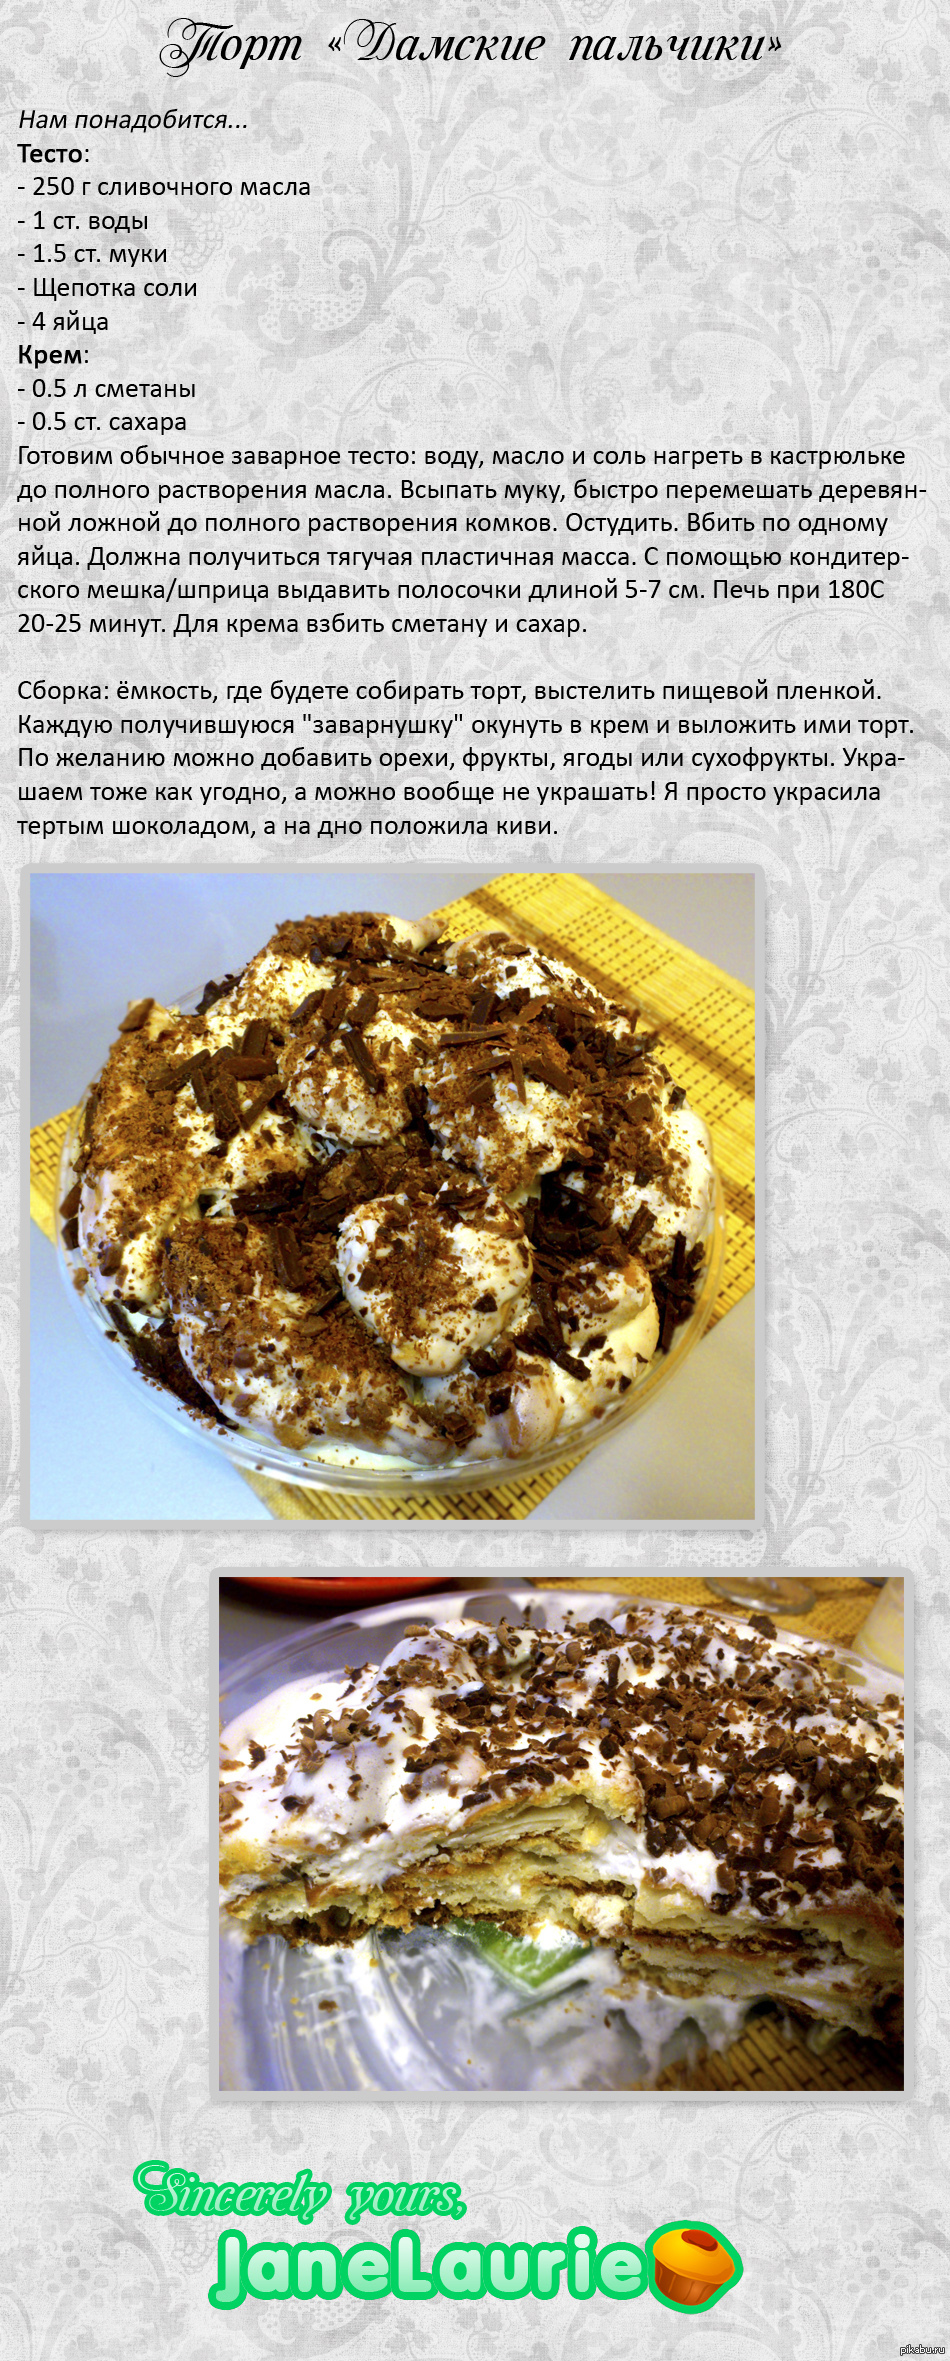 Дамские пальчики торт рецепт с заварным